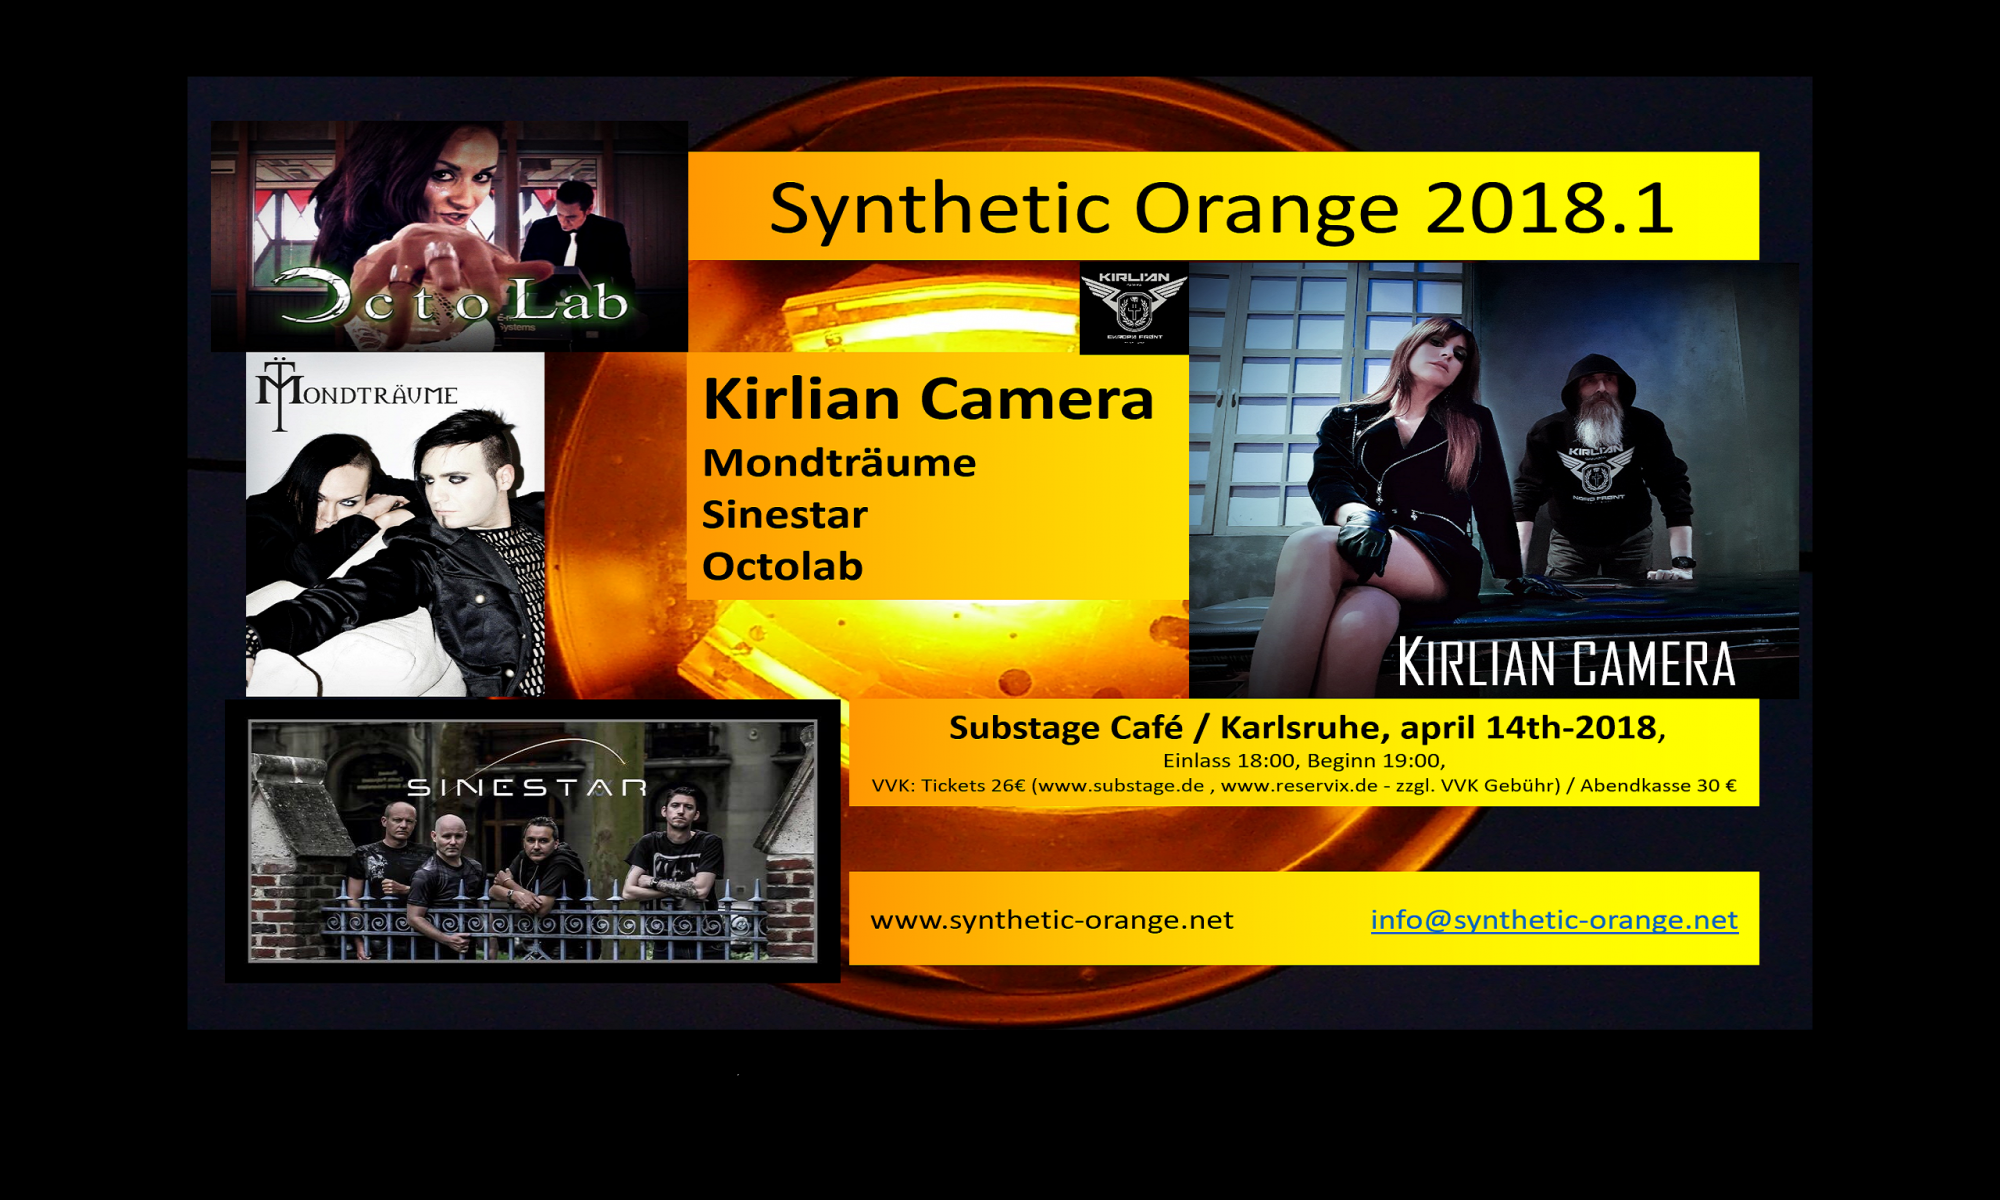 SYNTHETIC ORANGE 2018